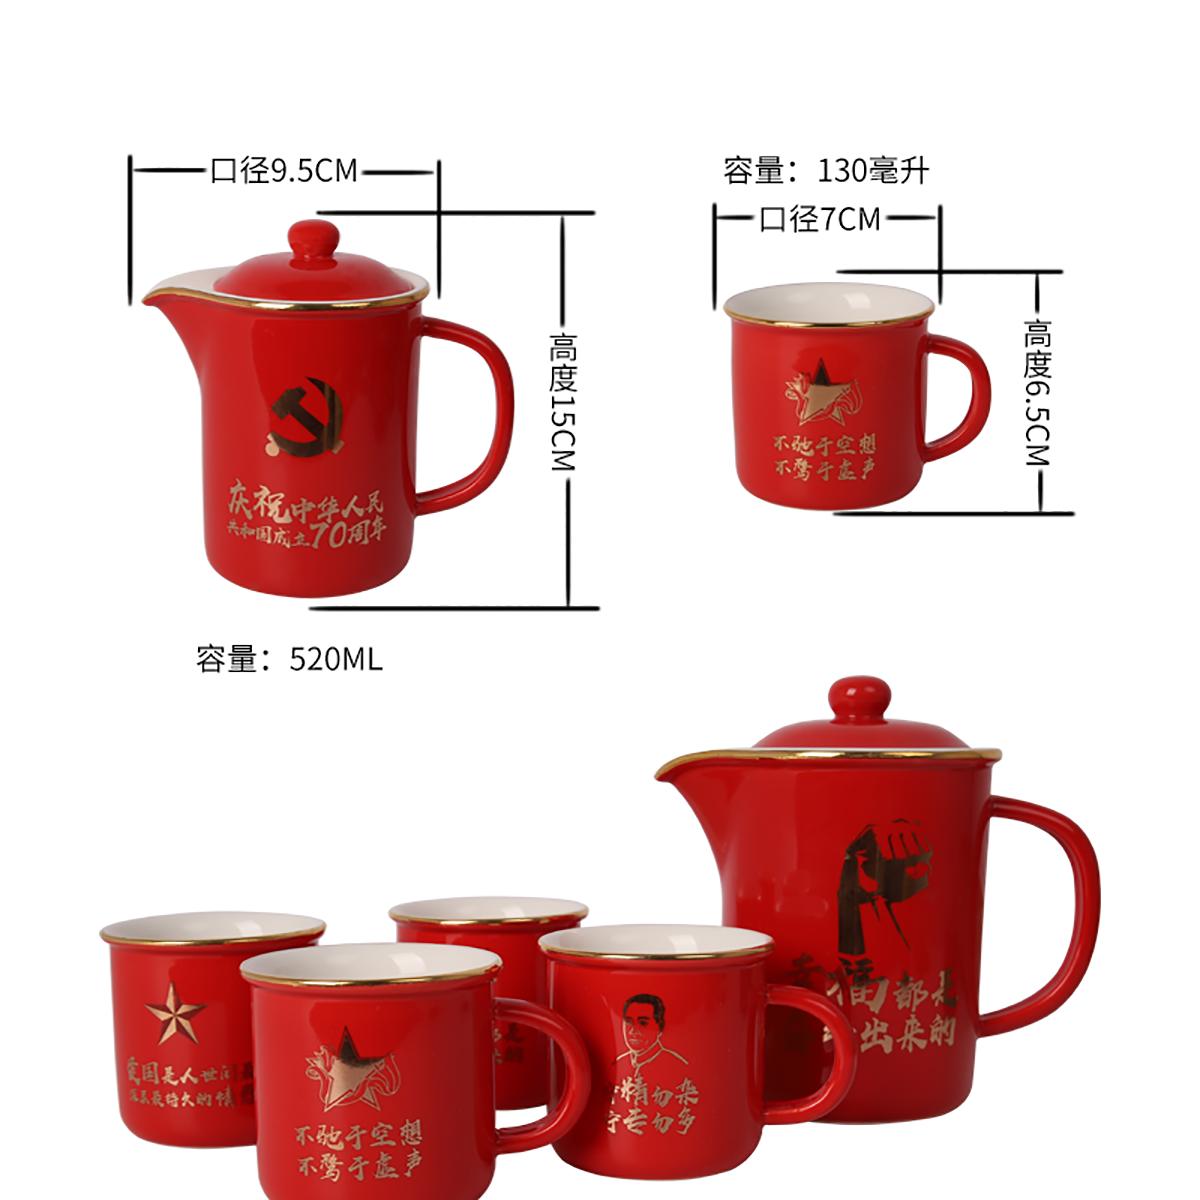 茶杯_09.png